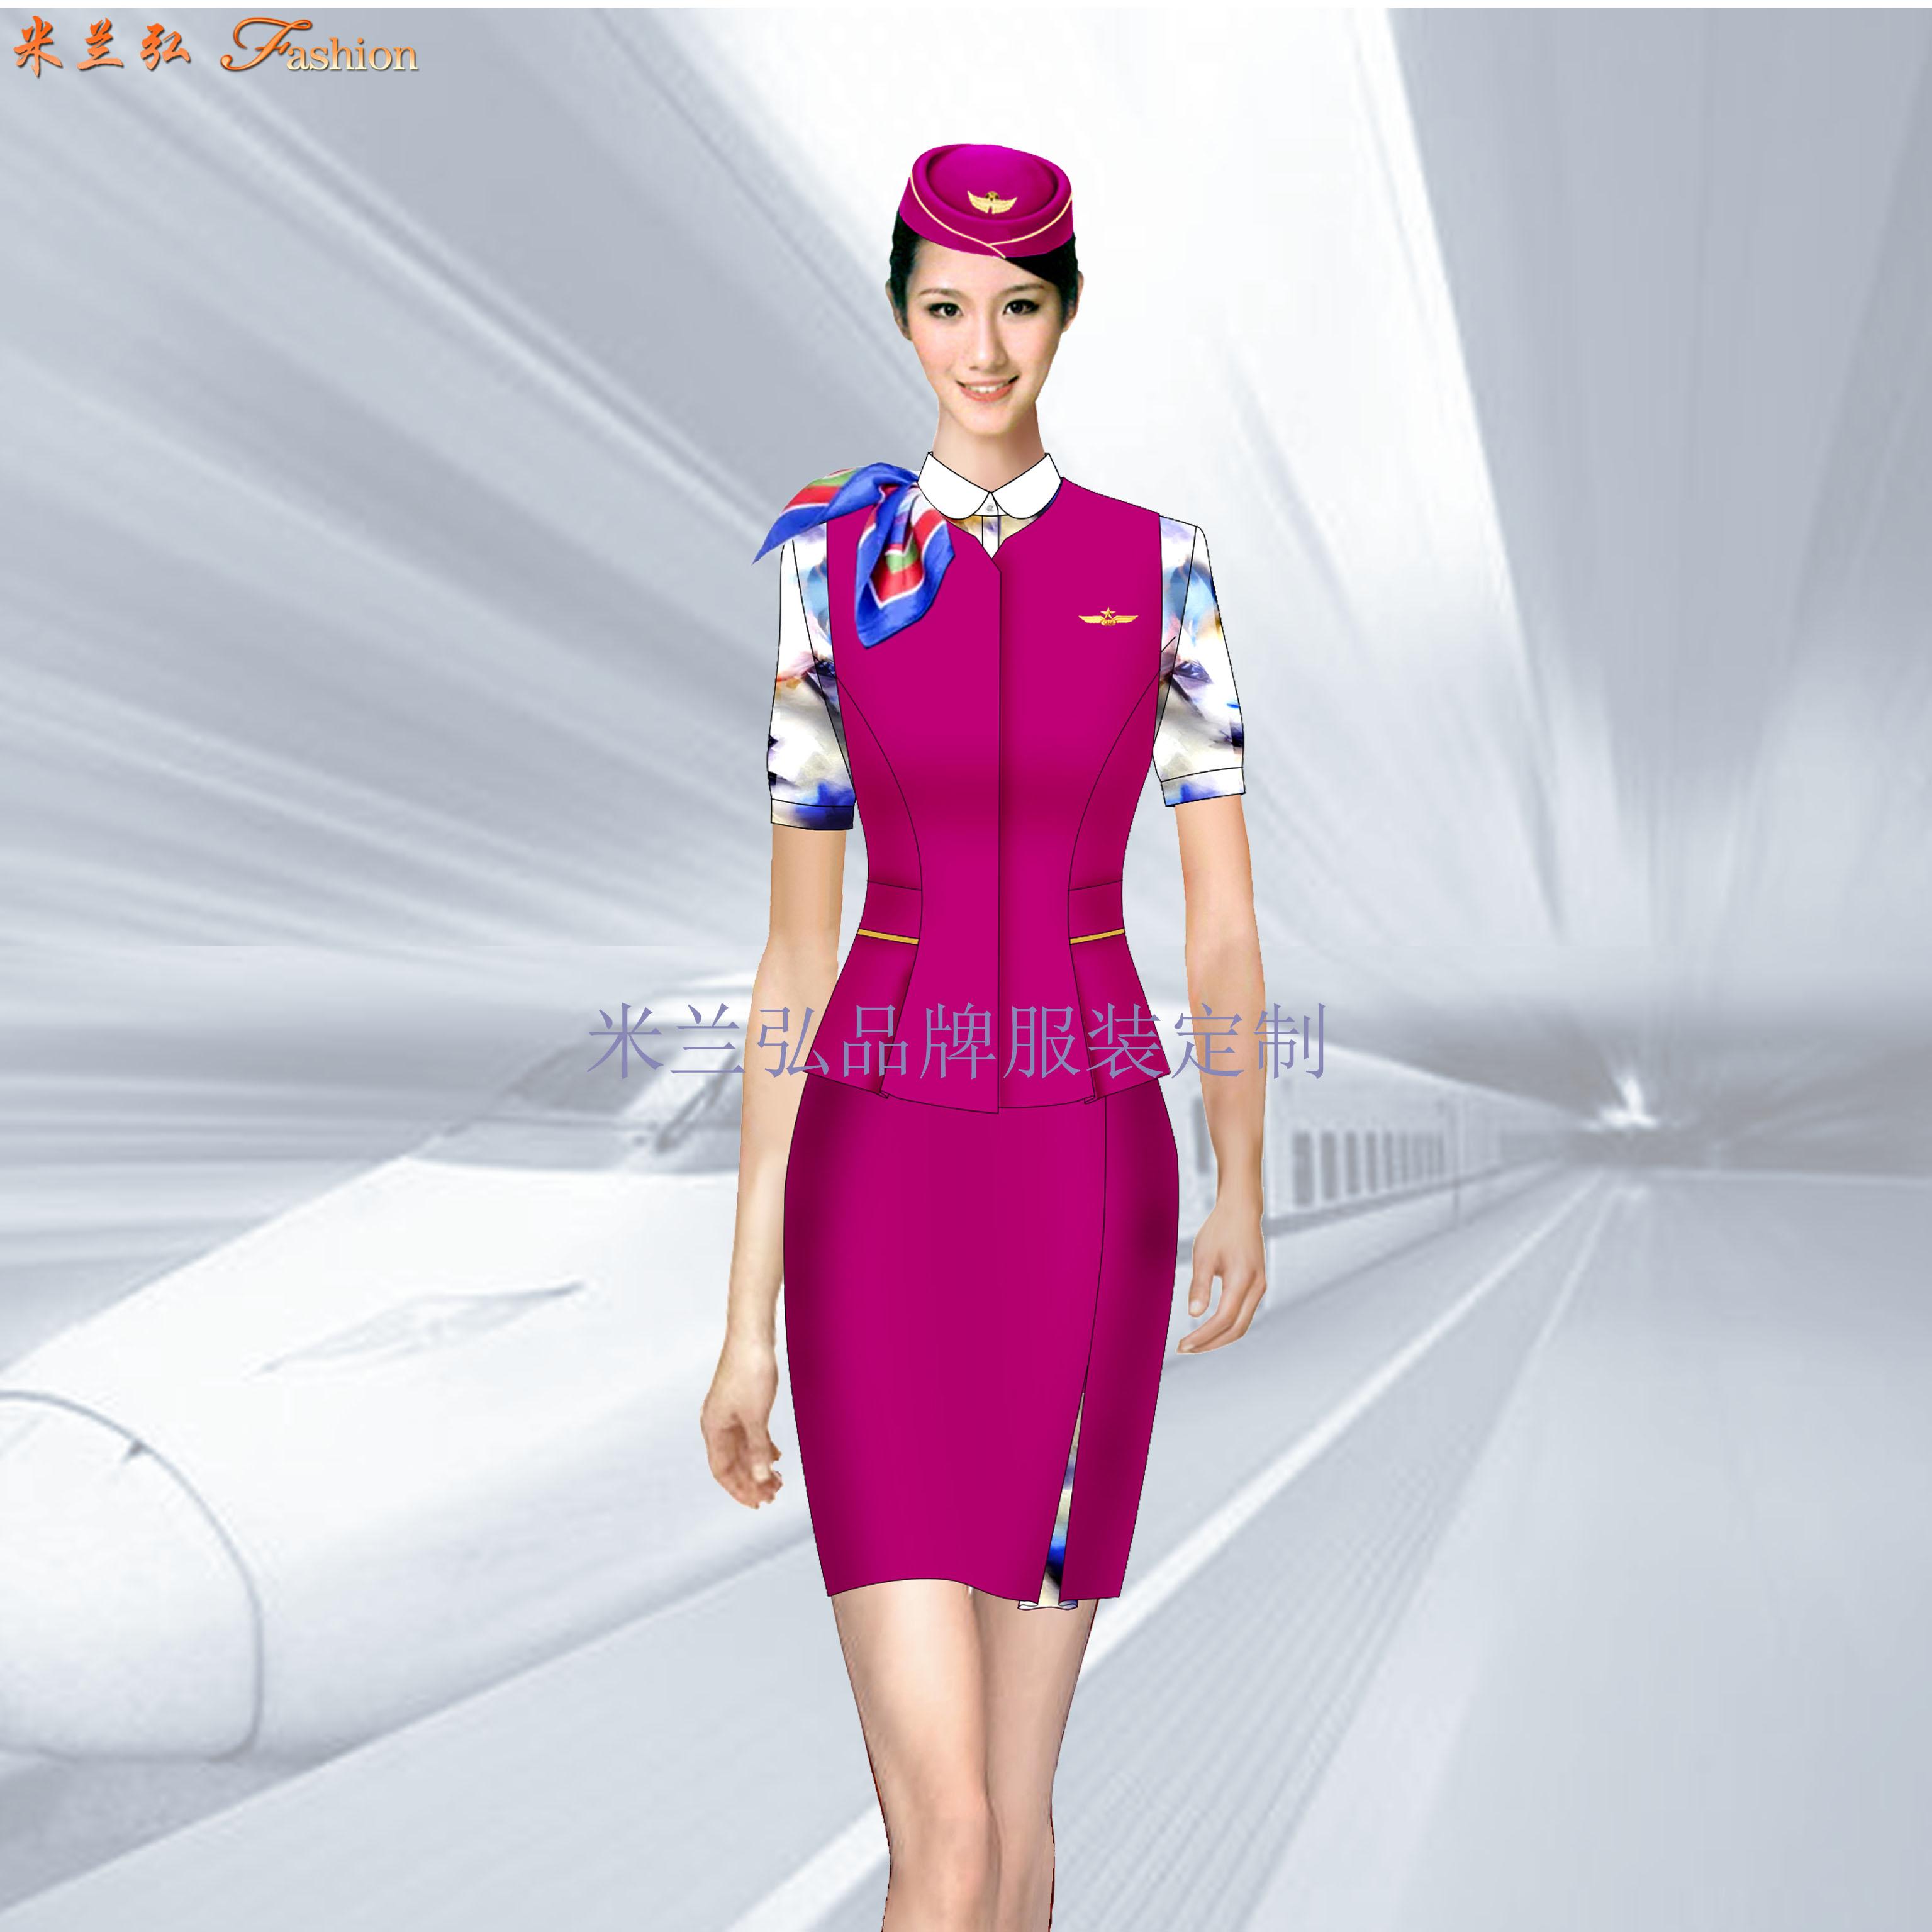 「鐵路正規工作服」高鐵工作服公司-米蘭弘服裝廠家-5